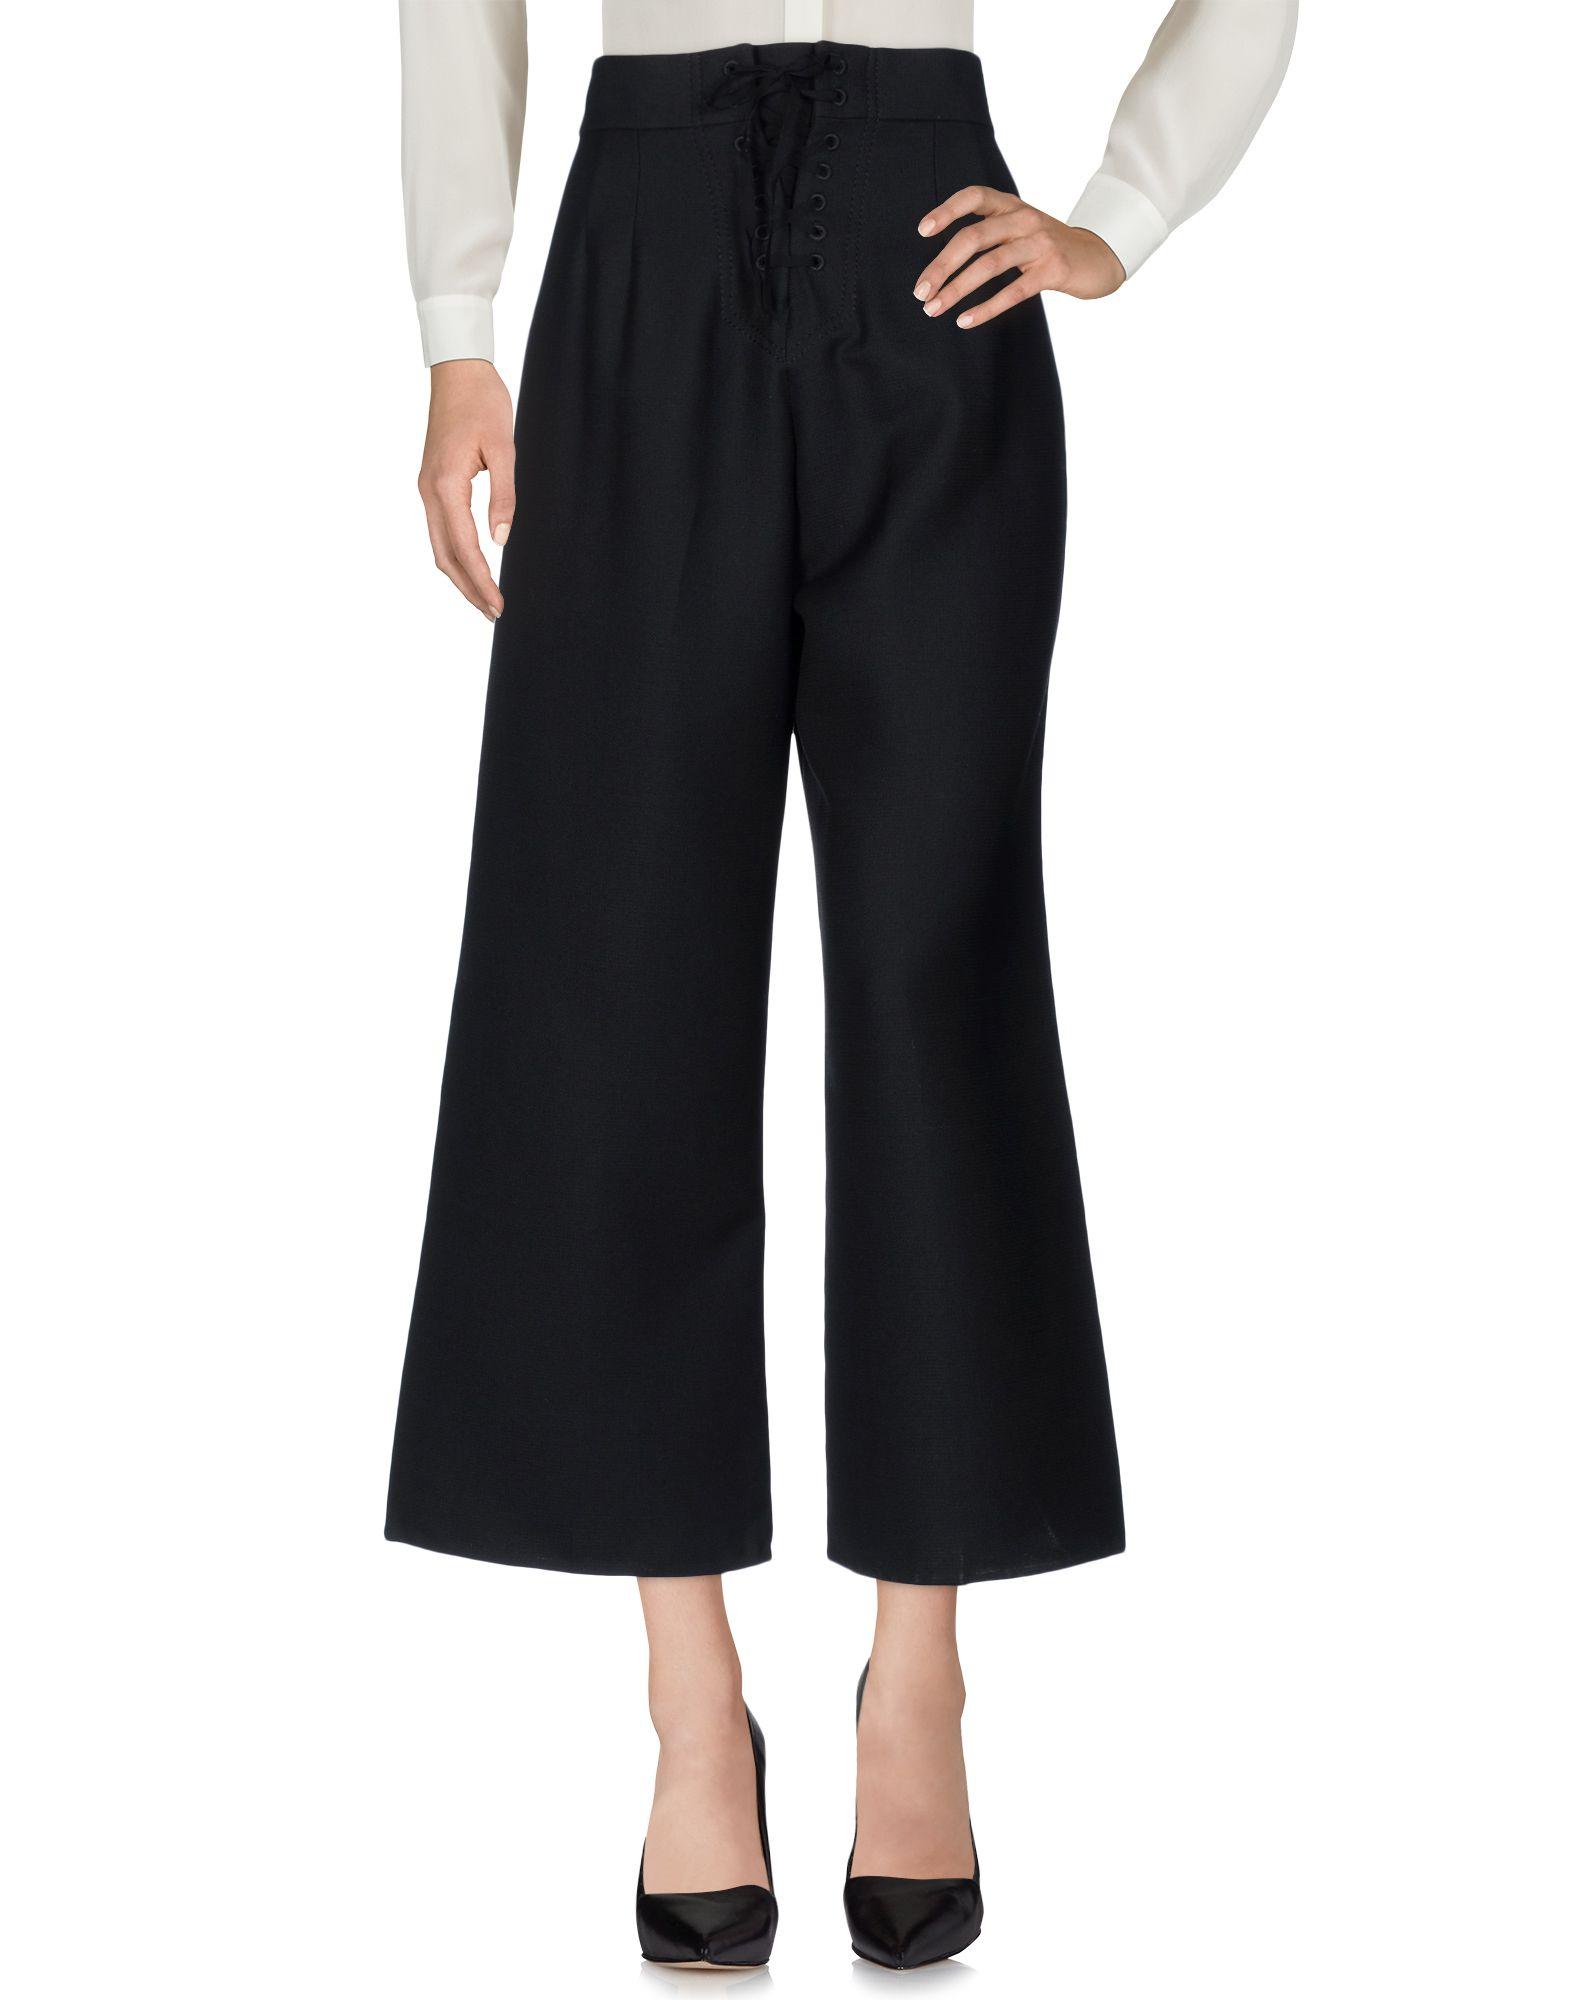 MARC JACOBS Damen Hose Farbe Schwarz Größe 6 jetztbilligerkaufen